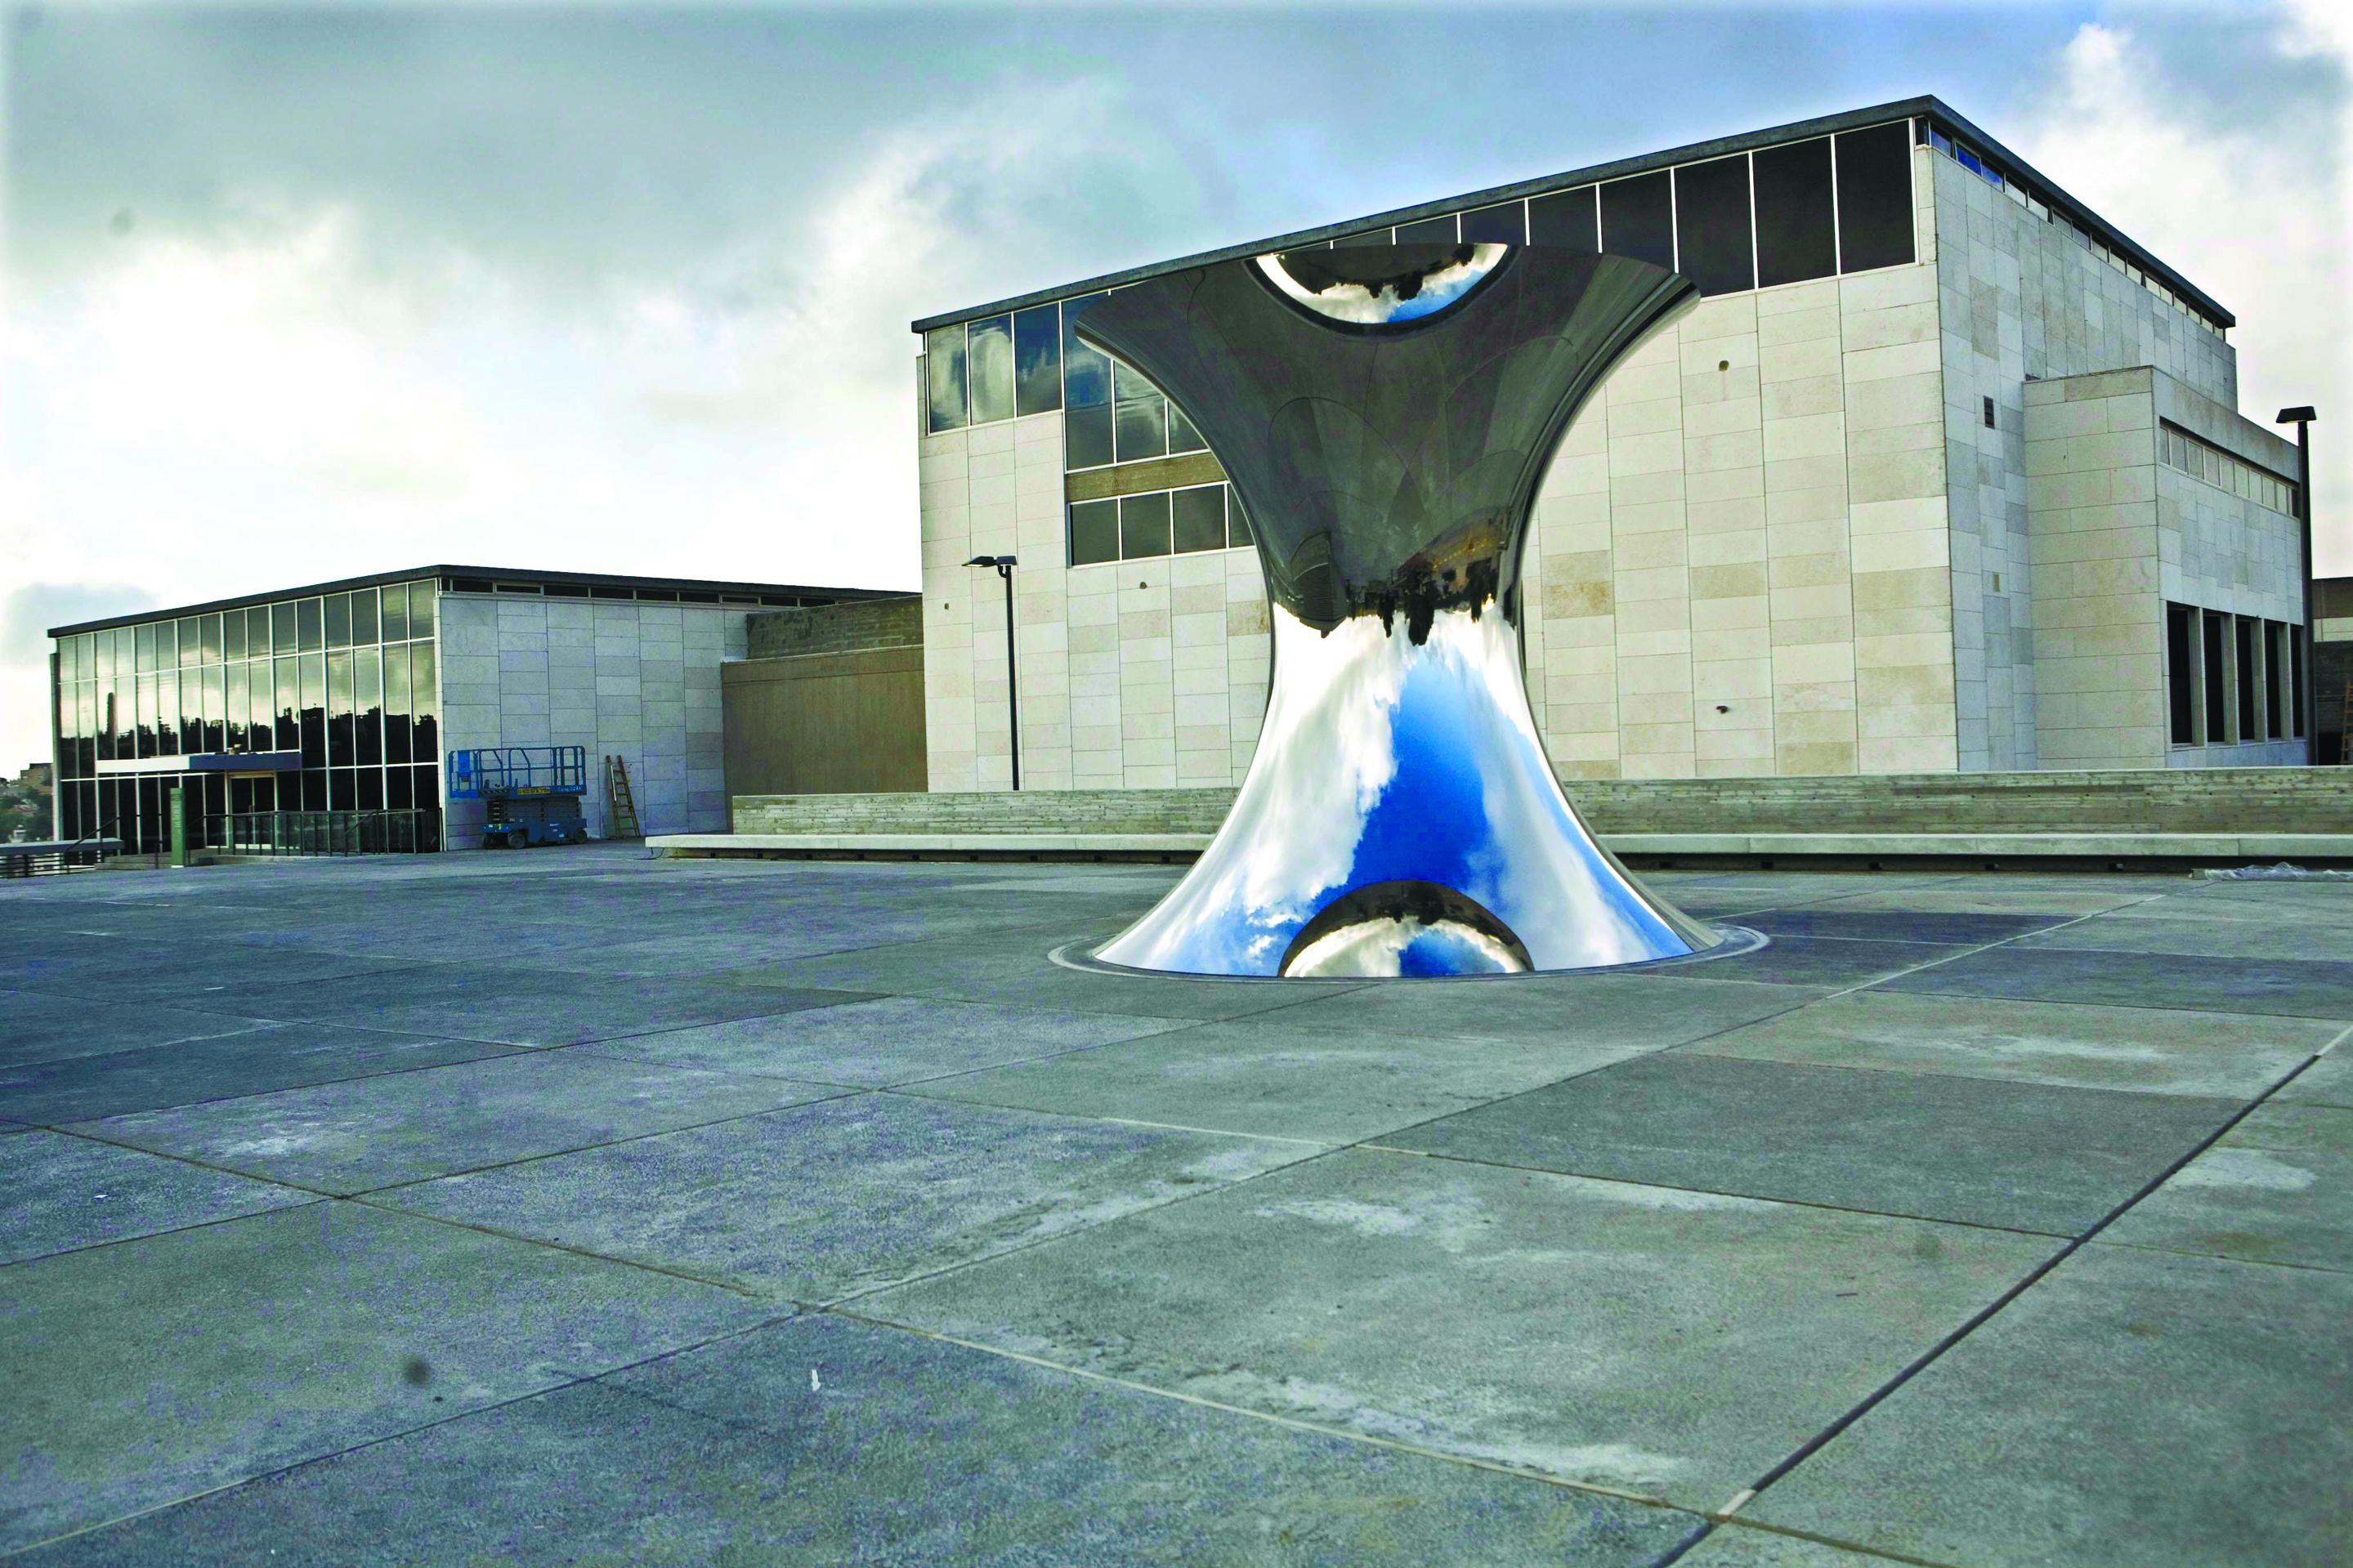 מוזיאון ישראל בירושלים מבט מבחוץ